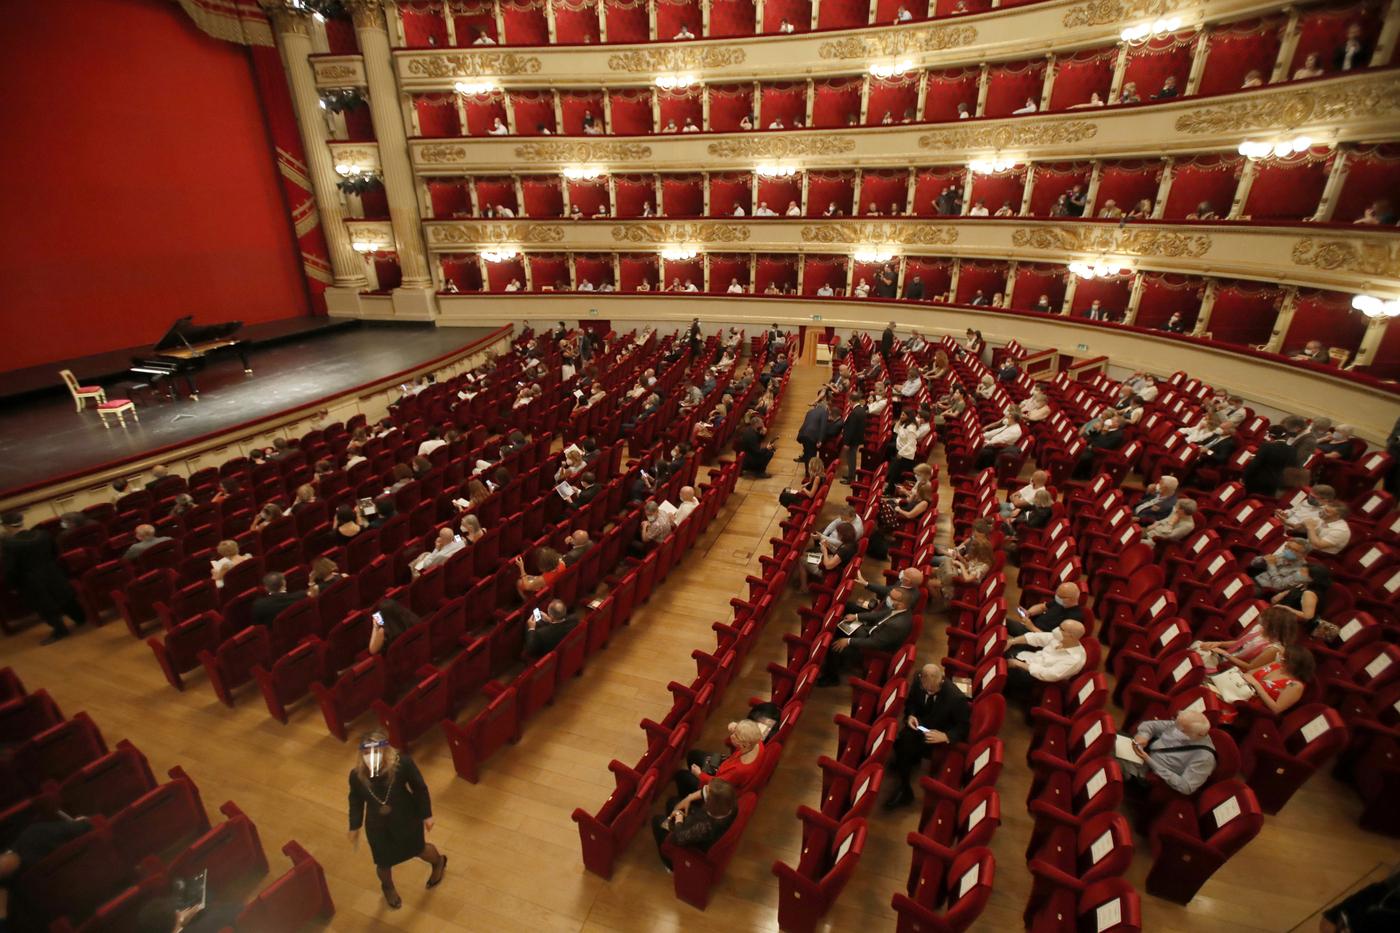 Emergenza Covid, il Teatro alla Scala rinvia la presentazione del cartellone 2020/2021